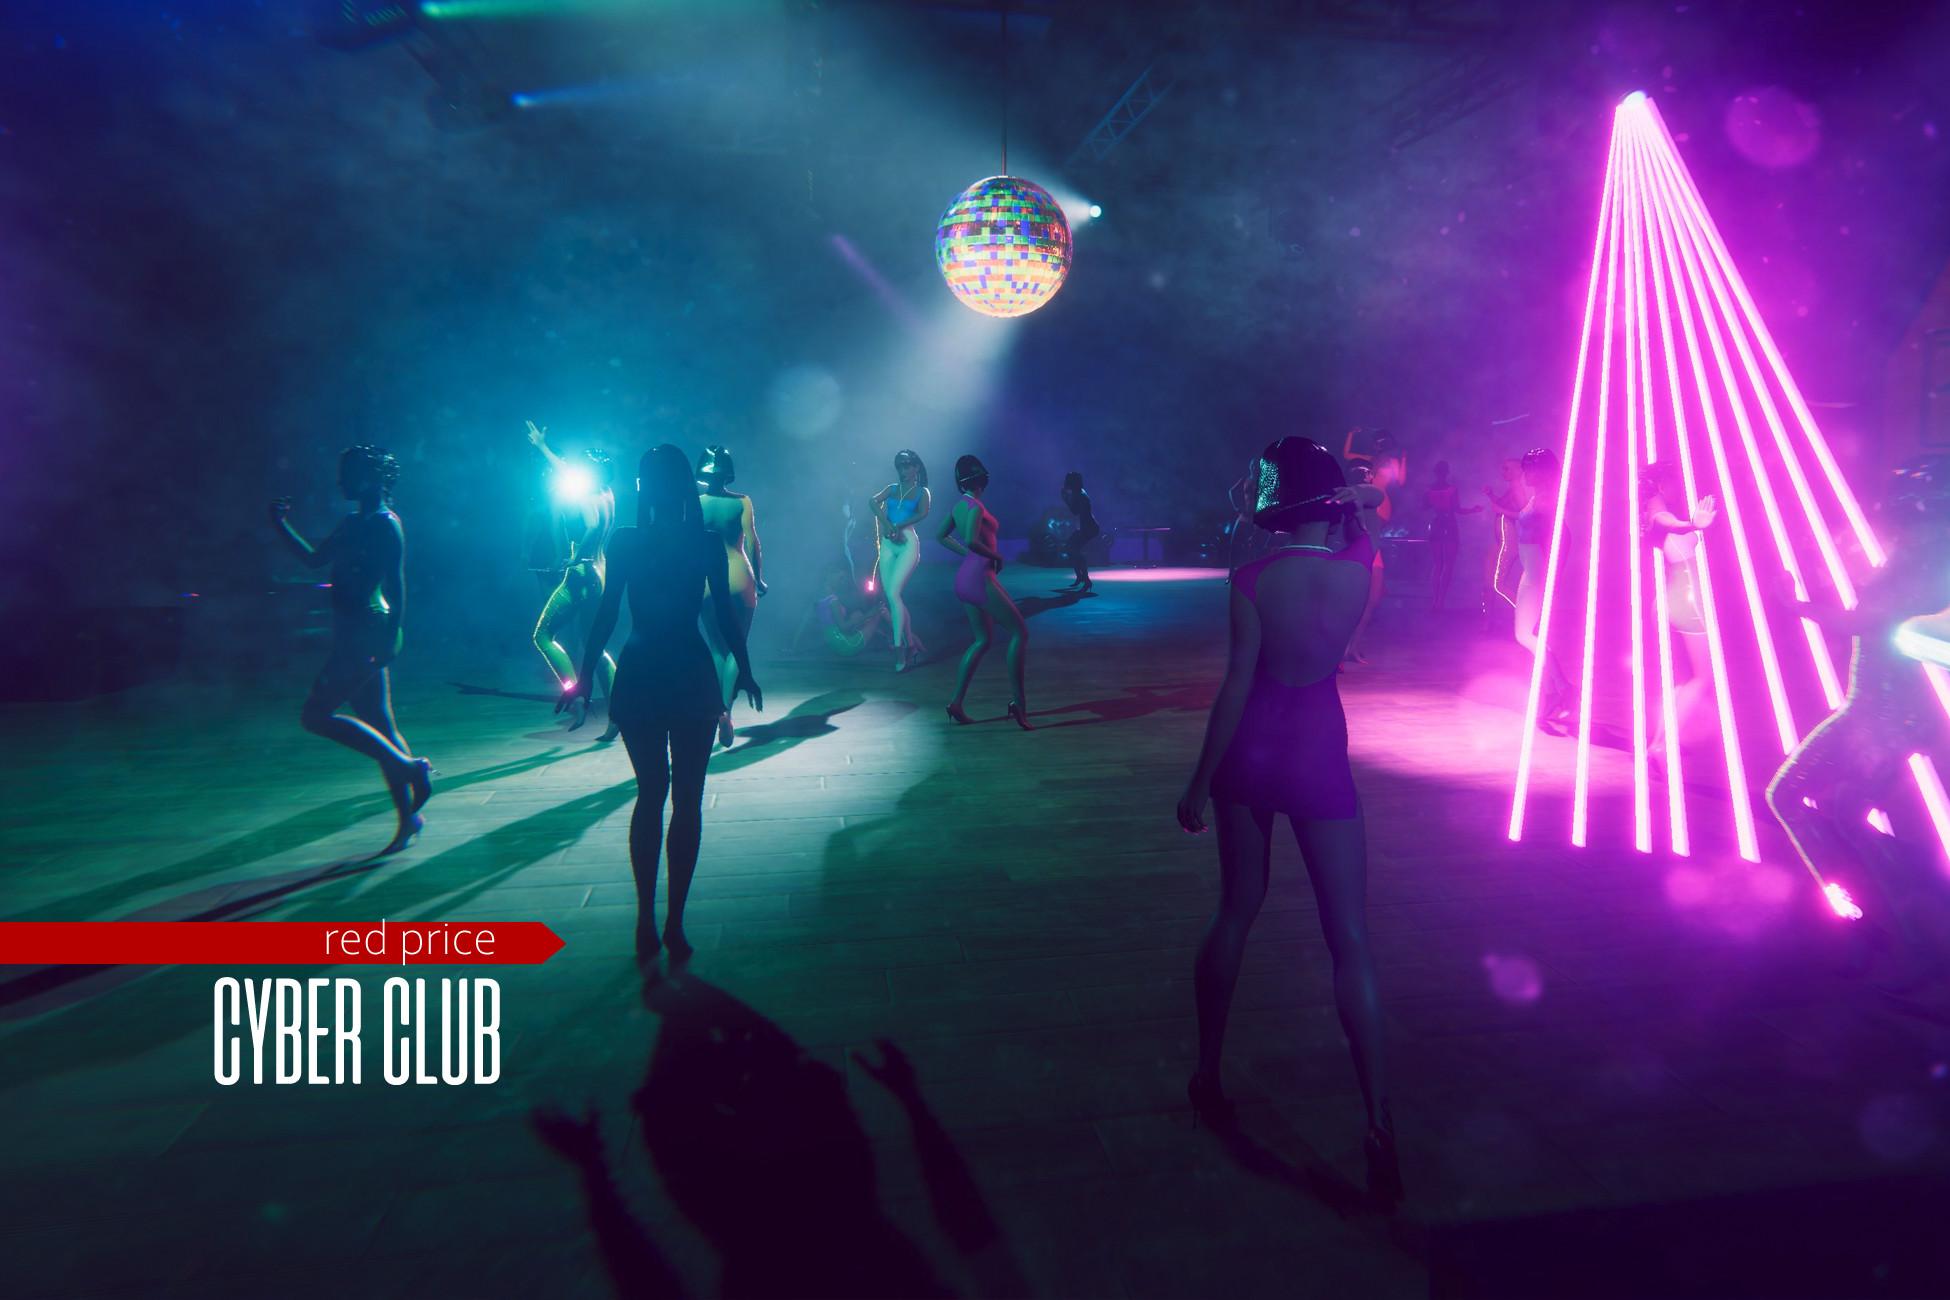 Cyber Club - night club